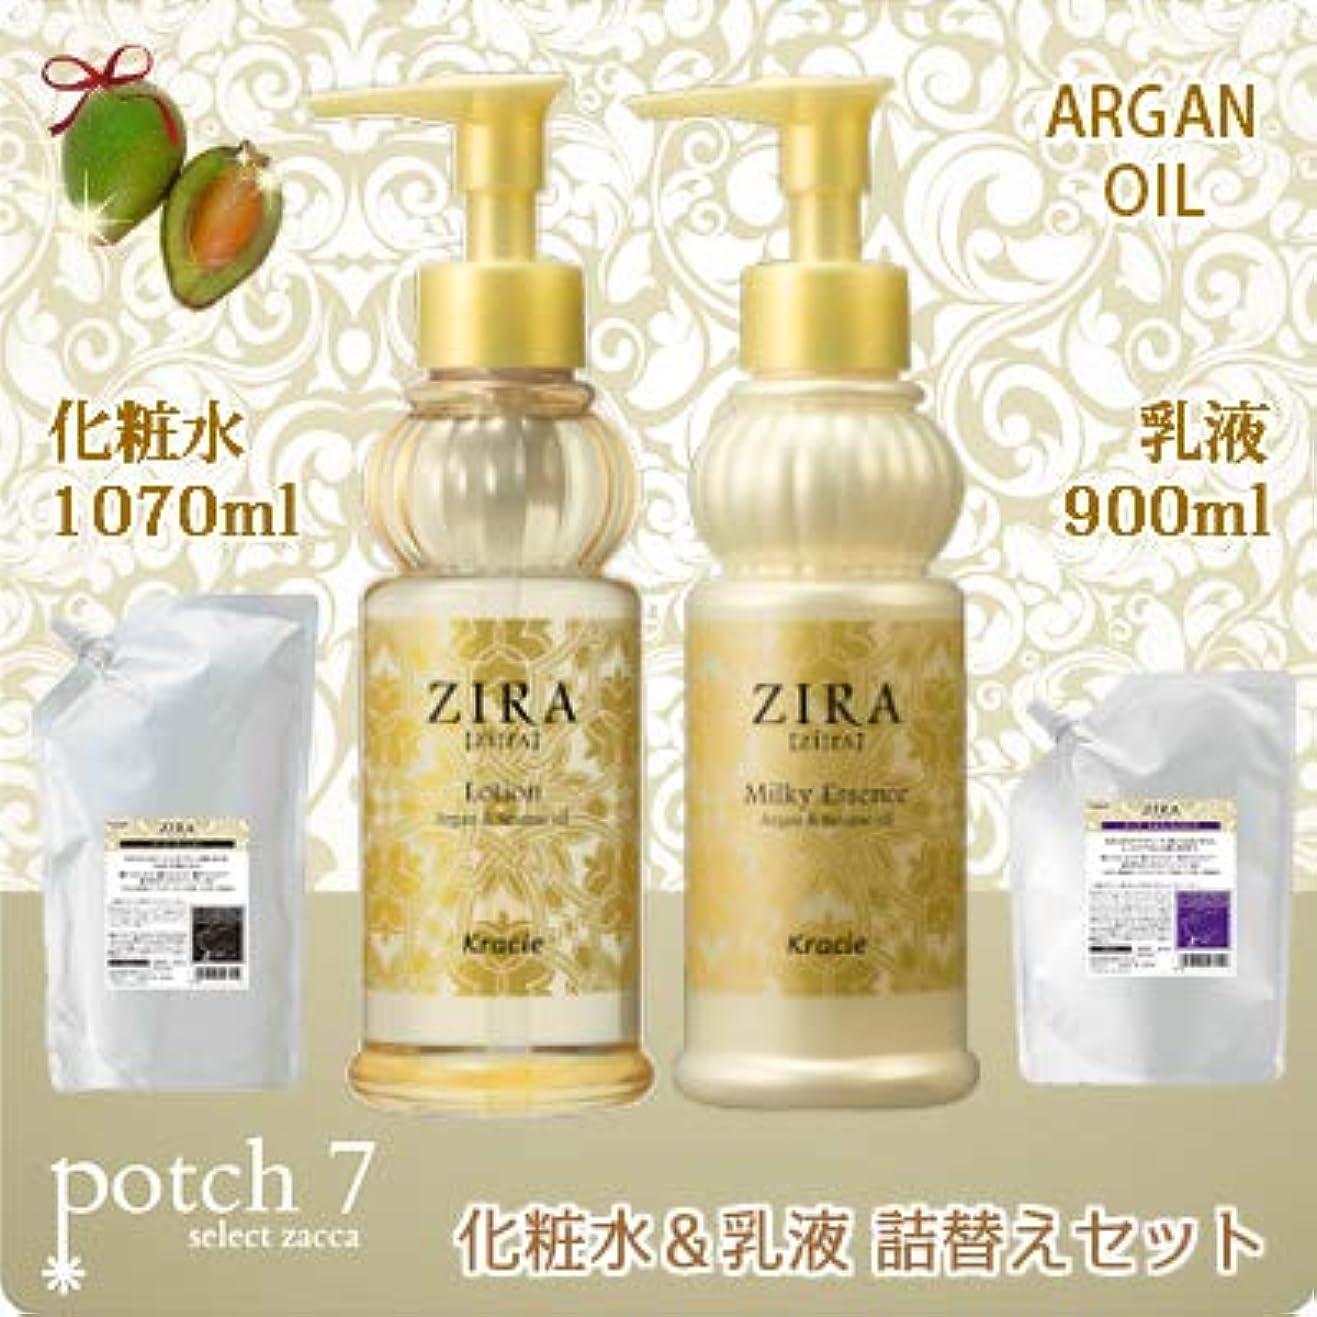 上昇突然の暫定Kracie クラシエ ZIRA ジーラ 化粧水&乳液 2本セット 詰め替え 空容器各1本付